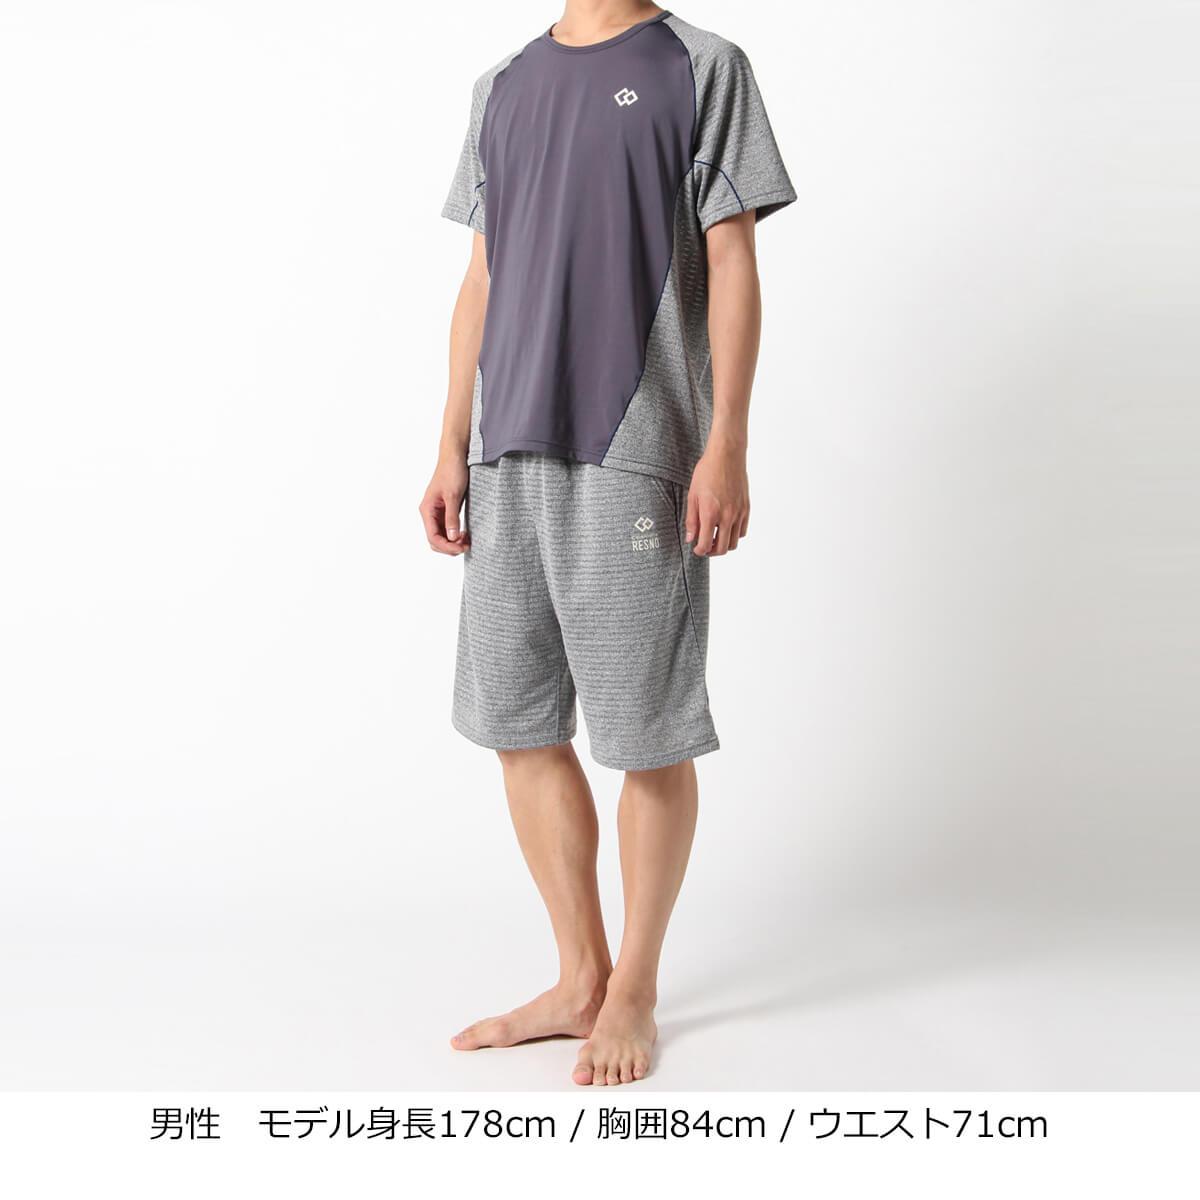 ※着用サイズ:XL